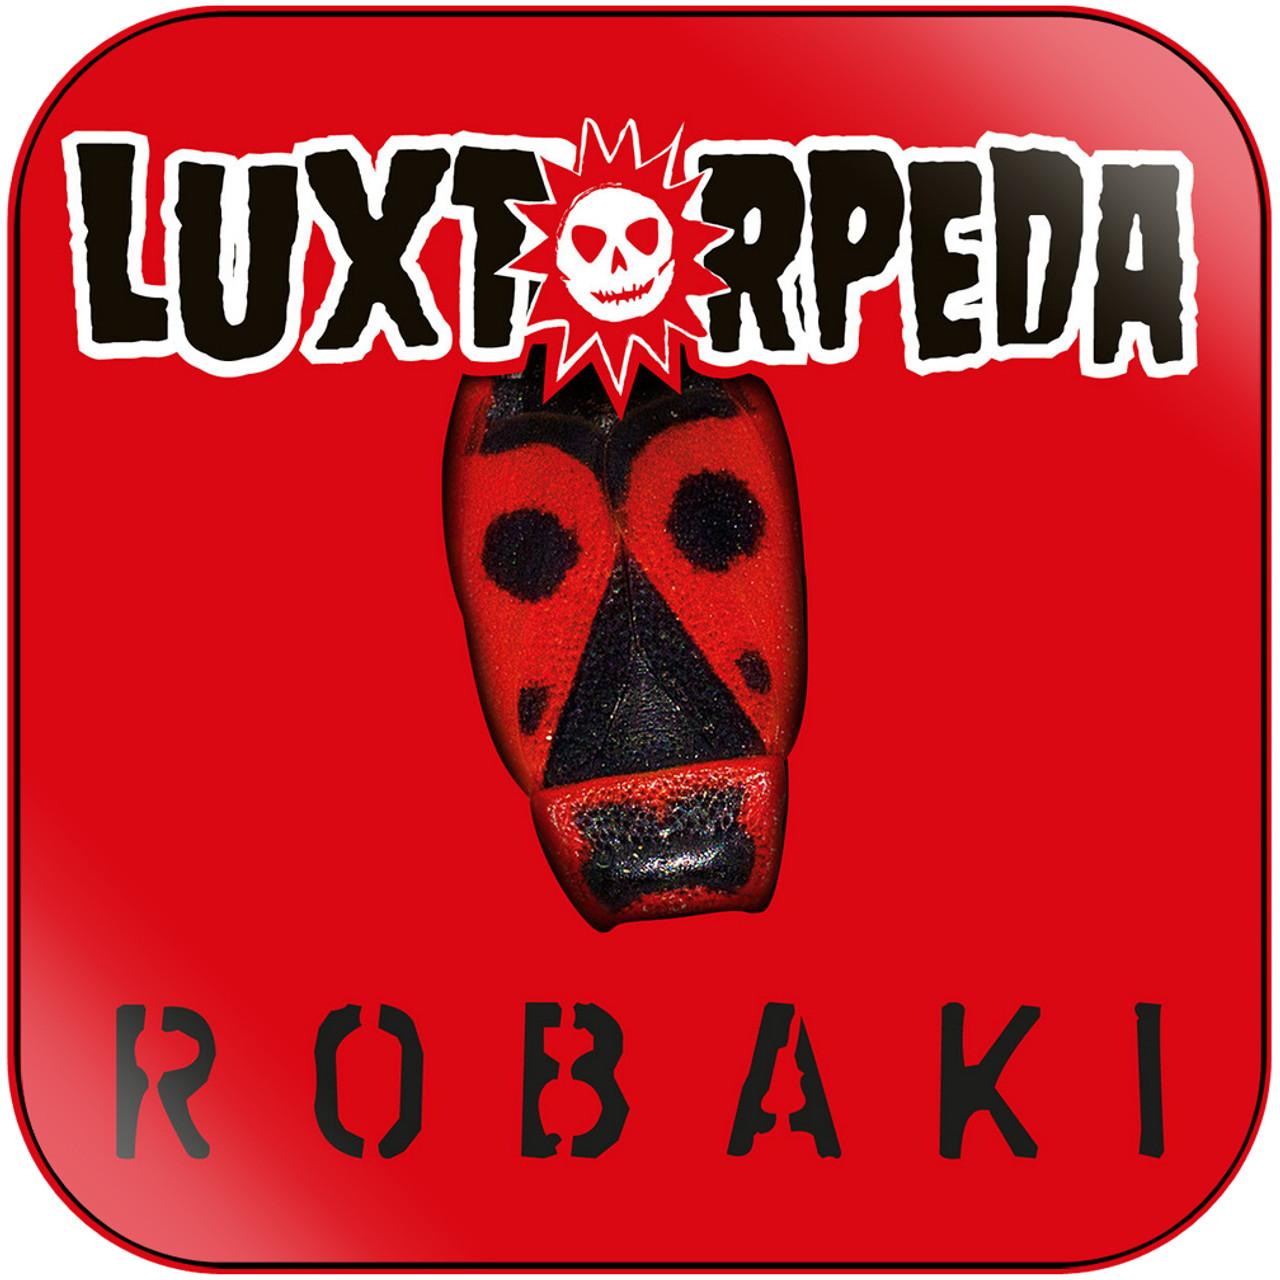 Luxtorpeda Robaki 2 Album Cover Sticker